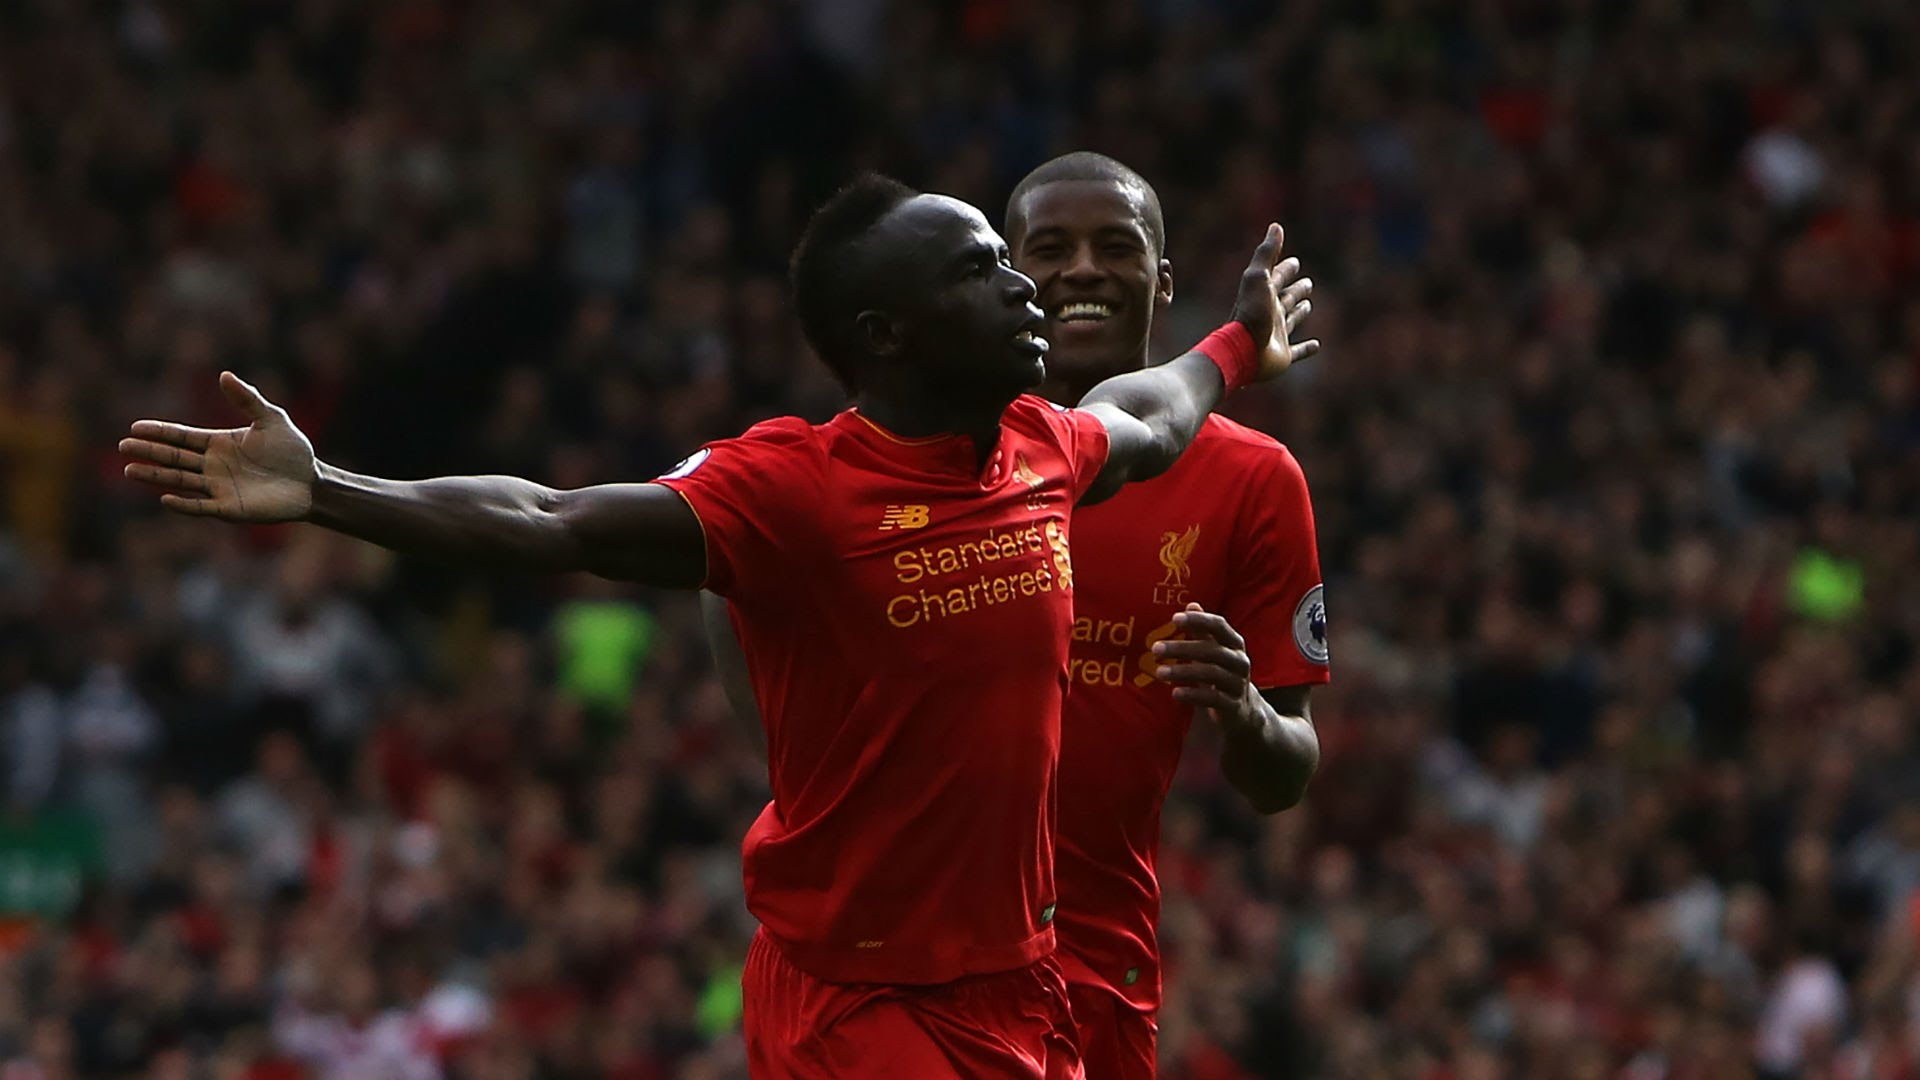 Premier League : Sadio Mané de Liverpool a encore scoré face à Arsenal (mi-temps)